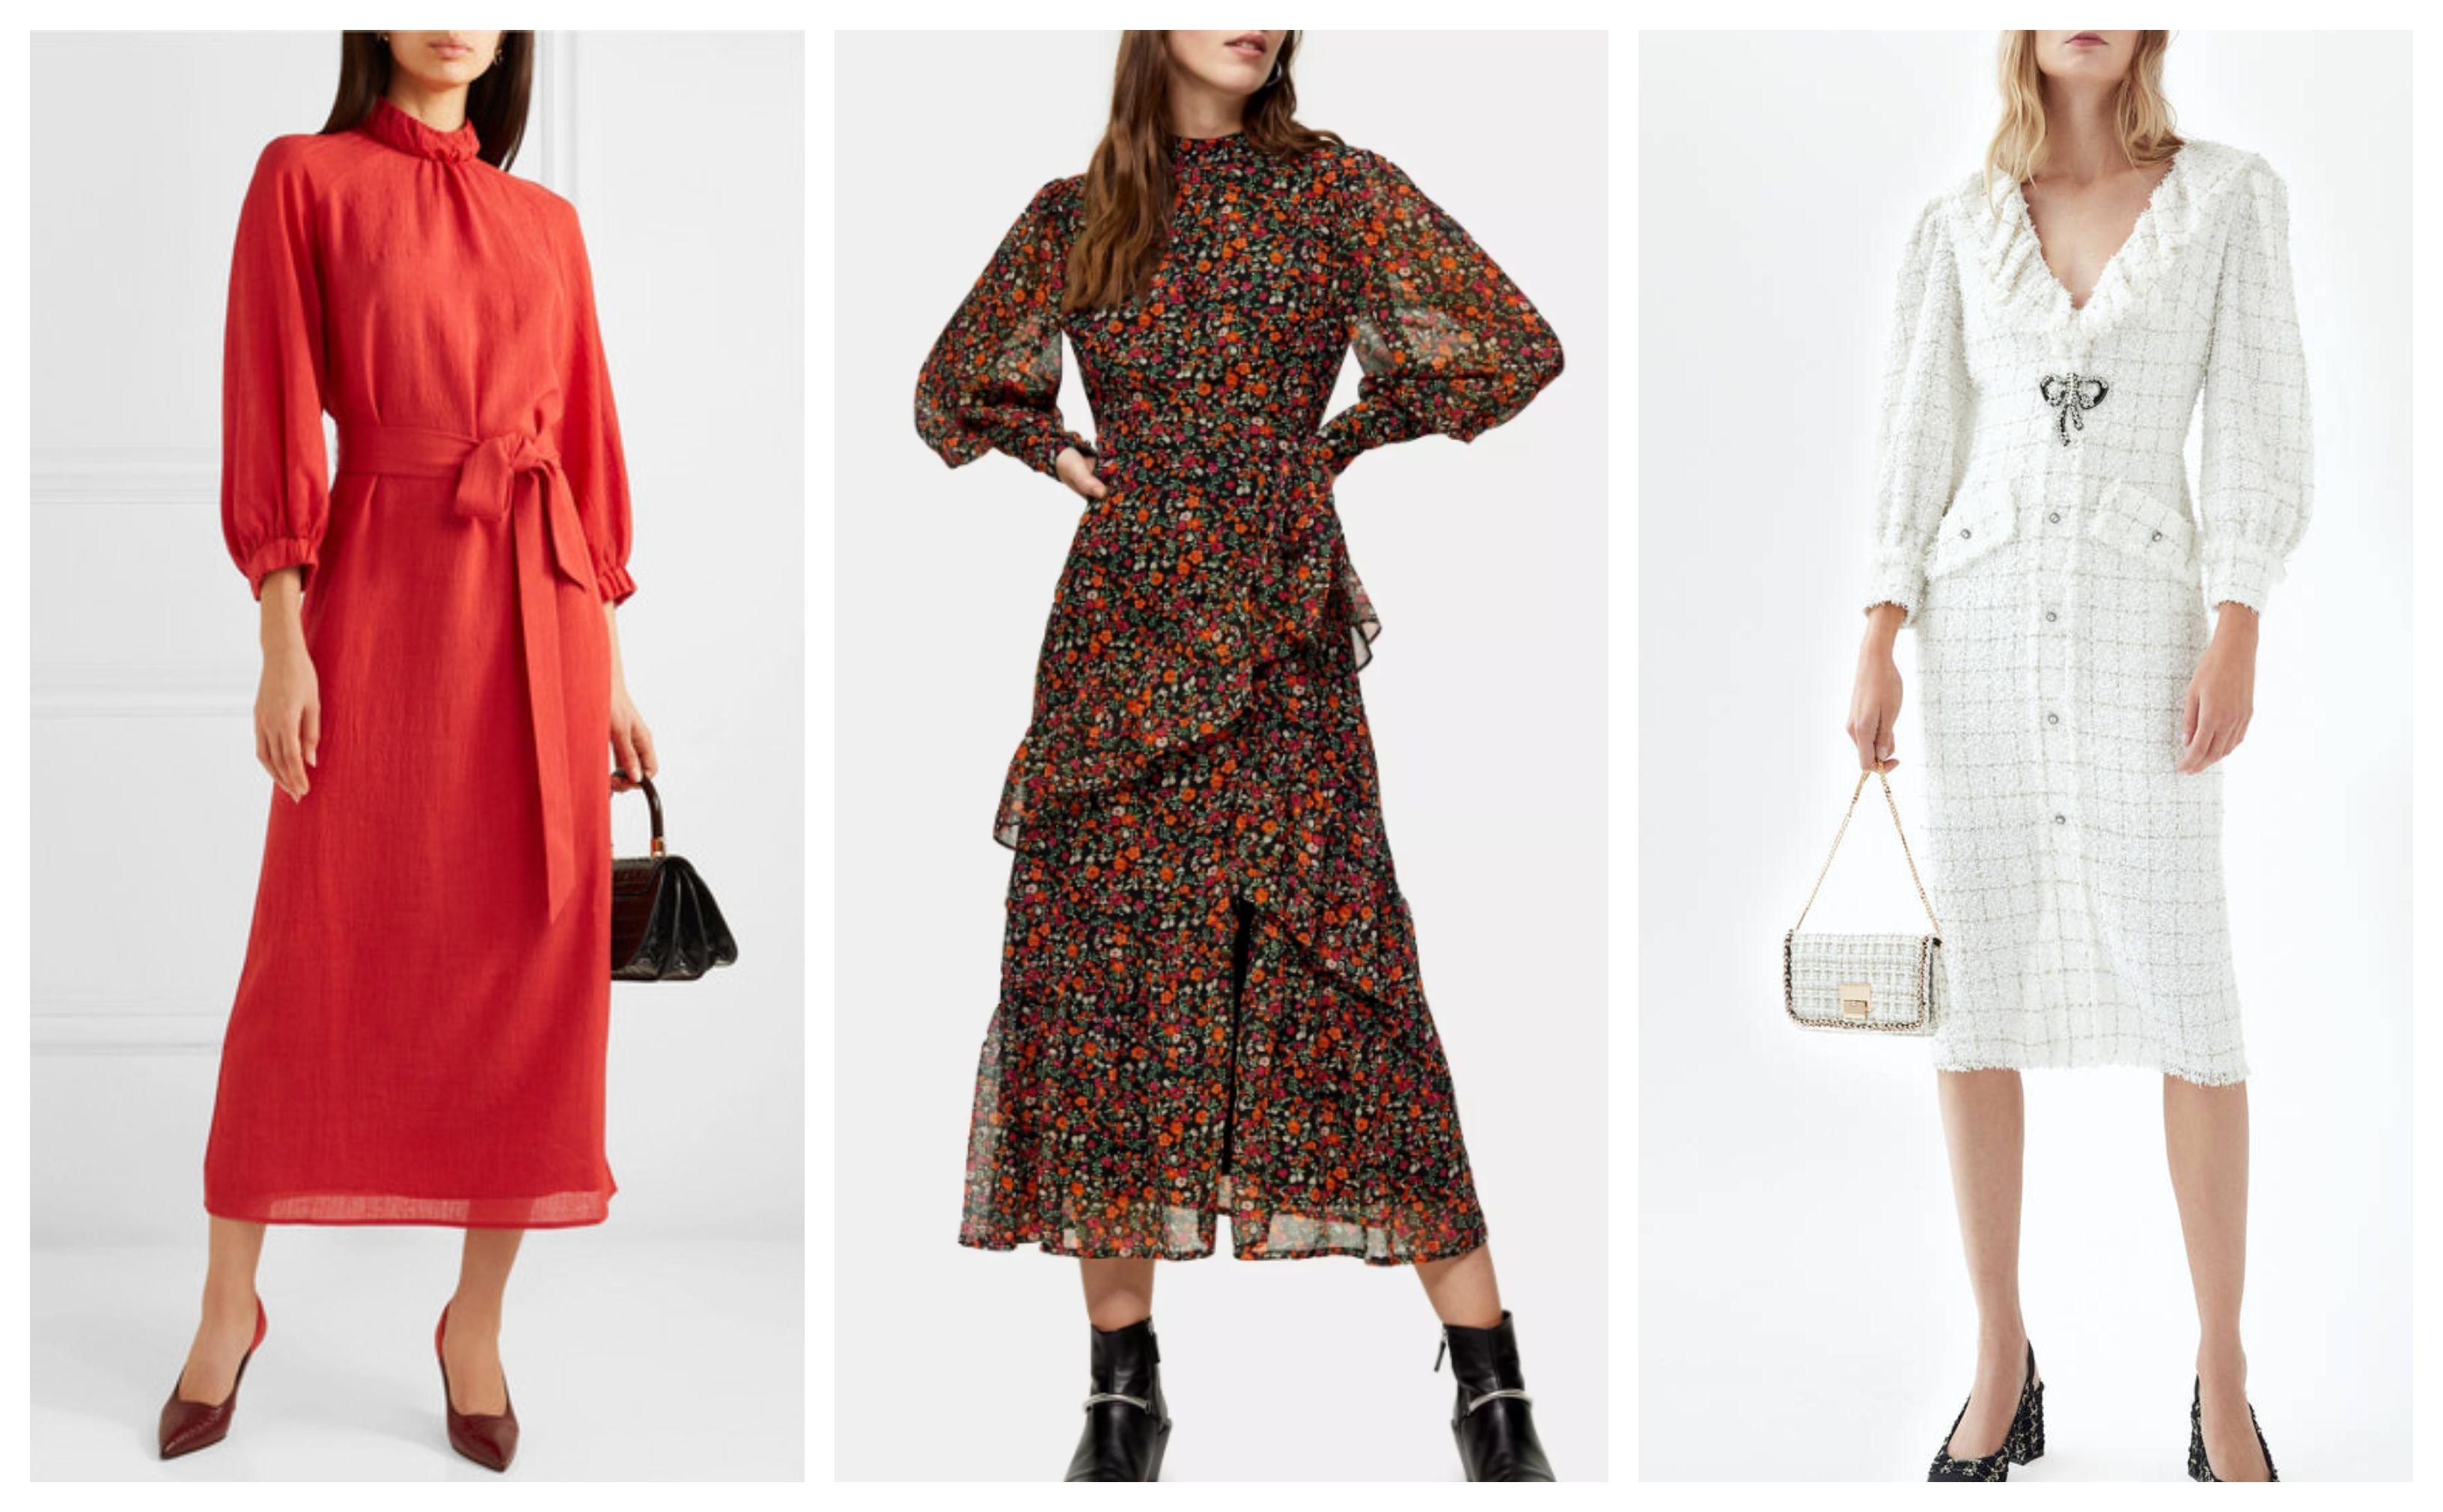 Midi haljine idealne su za stylish poslovne kombinacije! Donosimo vam 19 prekrasnih iz high street dućana